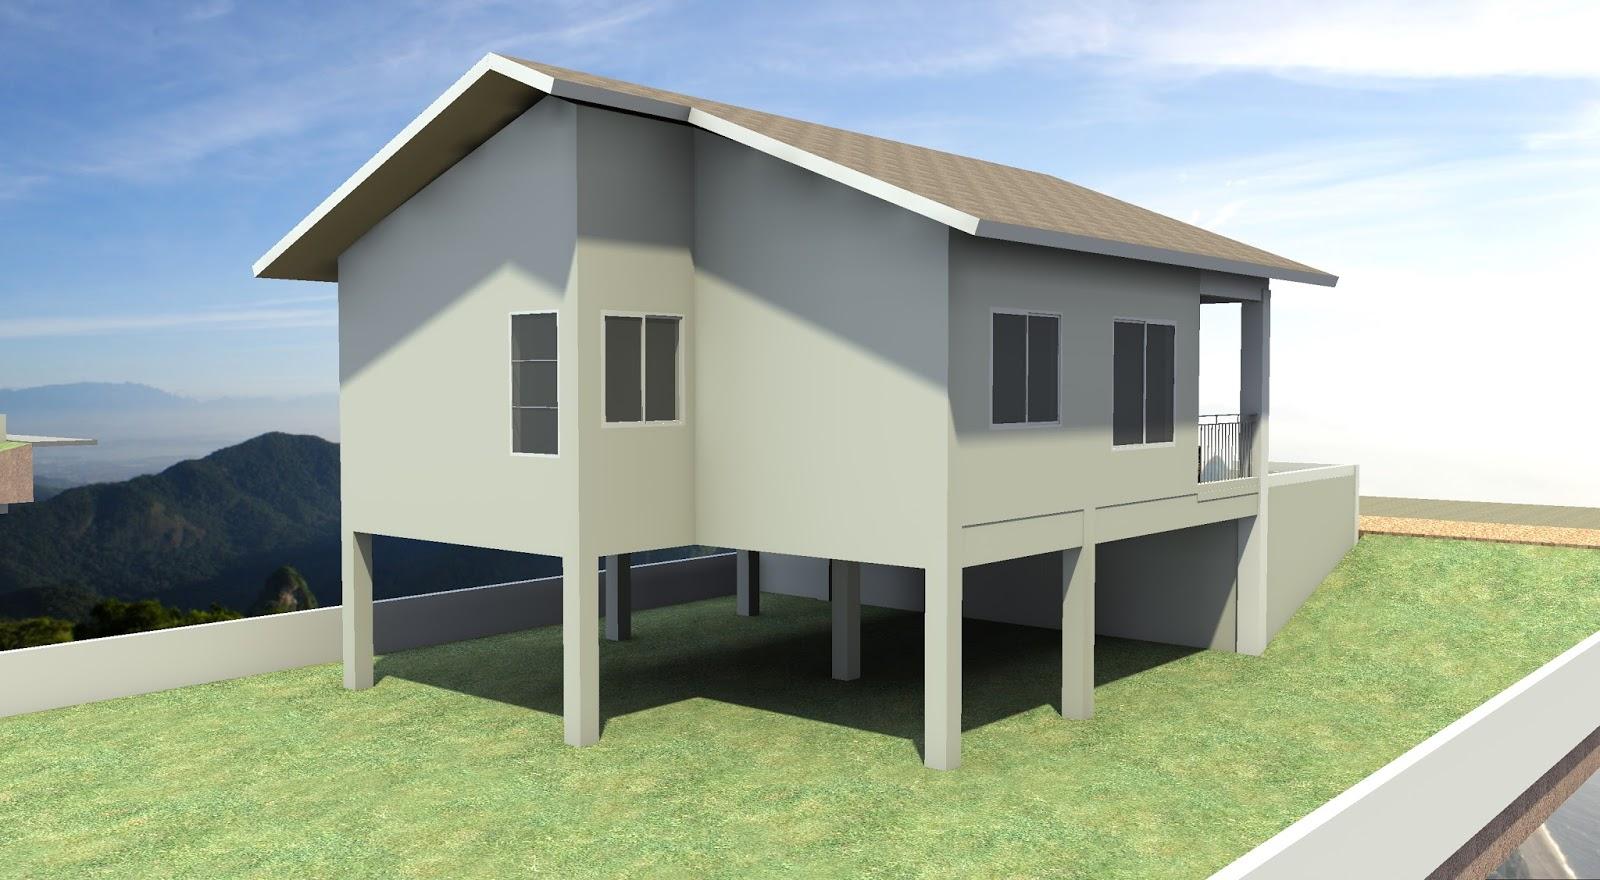 #335F98  Urbanismo: Projetos para Minha Casa Minha Vida do Governo Federal 1600x880 px Projeto Cozinha Comunitária Governo Federal_4147 Imagens